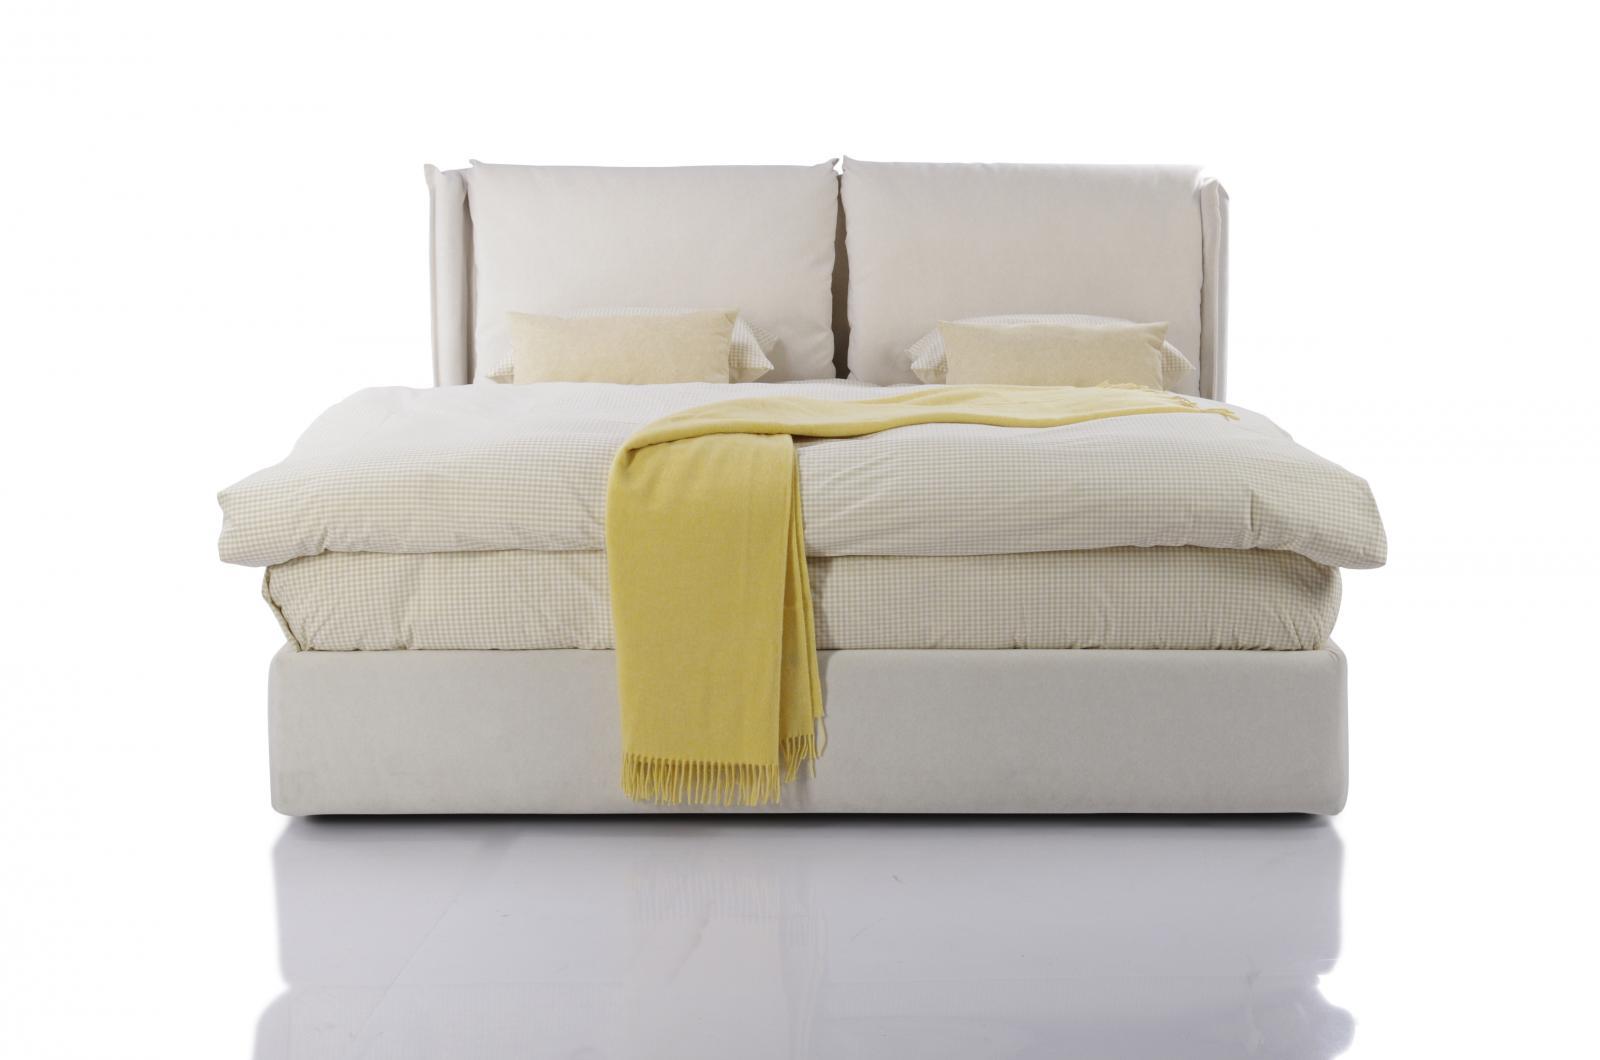 Купить Кровать Alfabed Avenue с подъемным механизмом 180х200, inmyroom, Италия